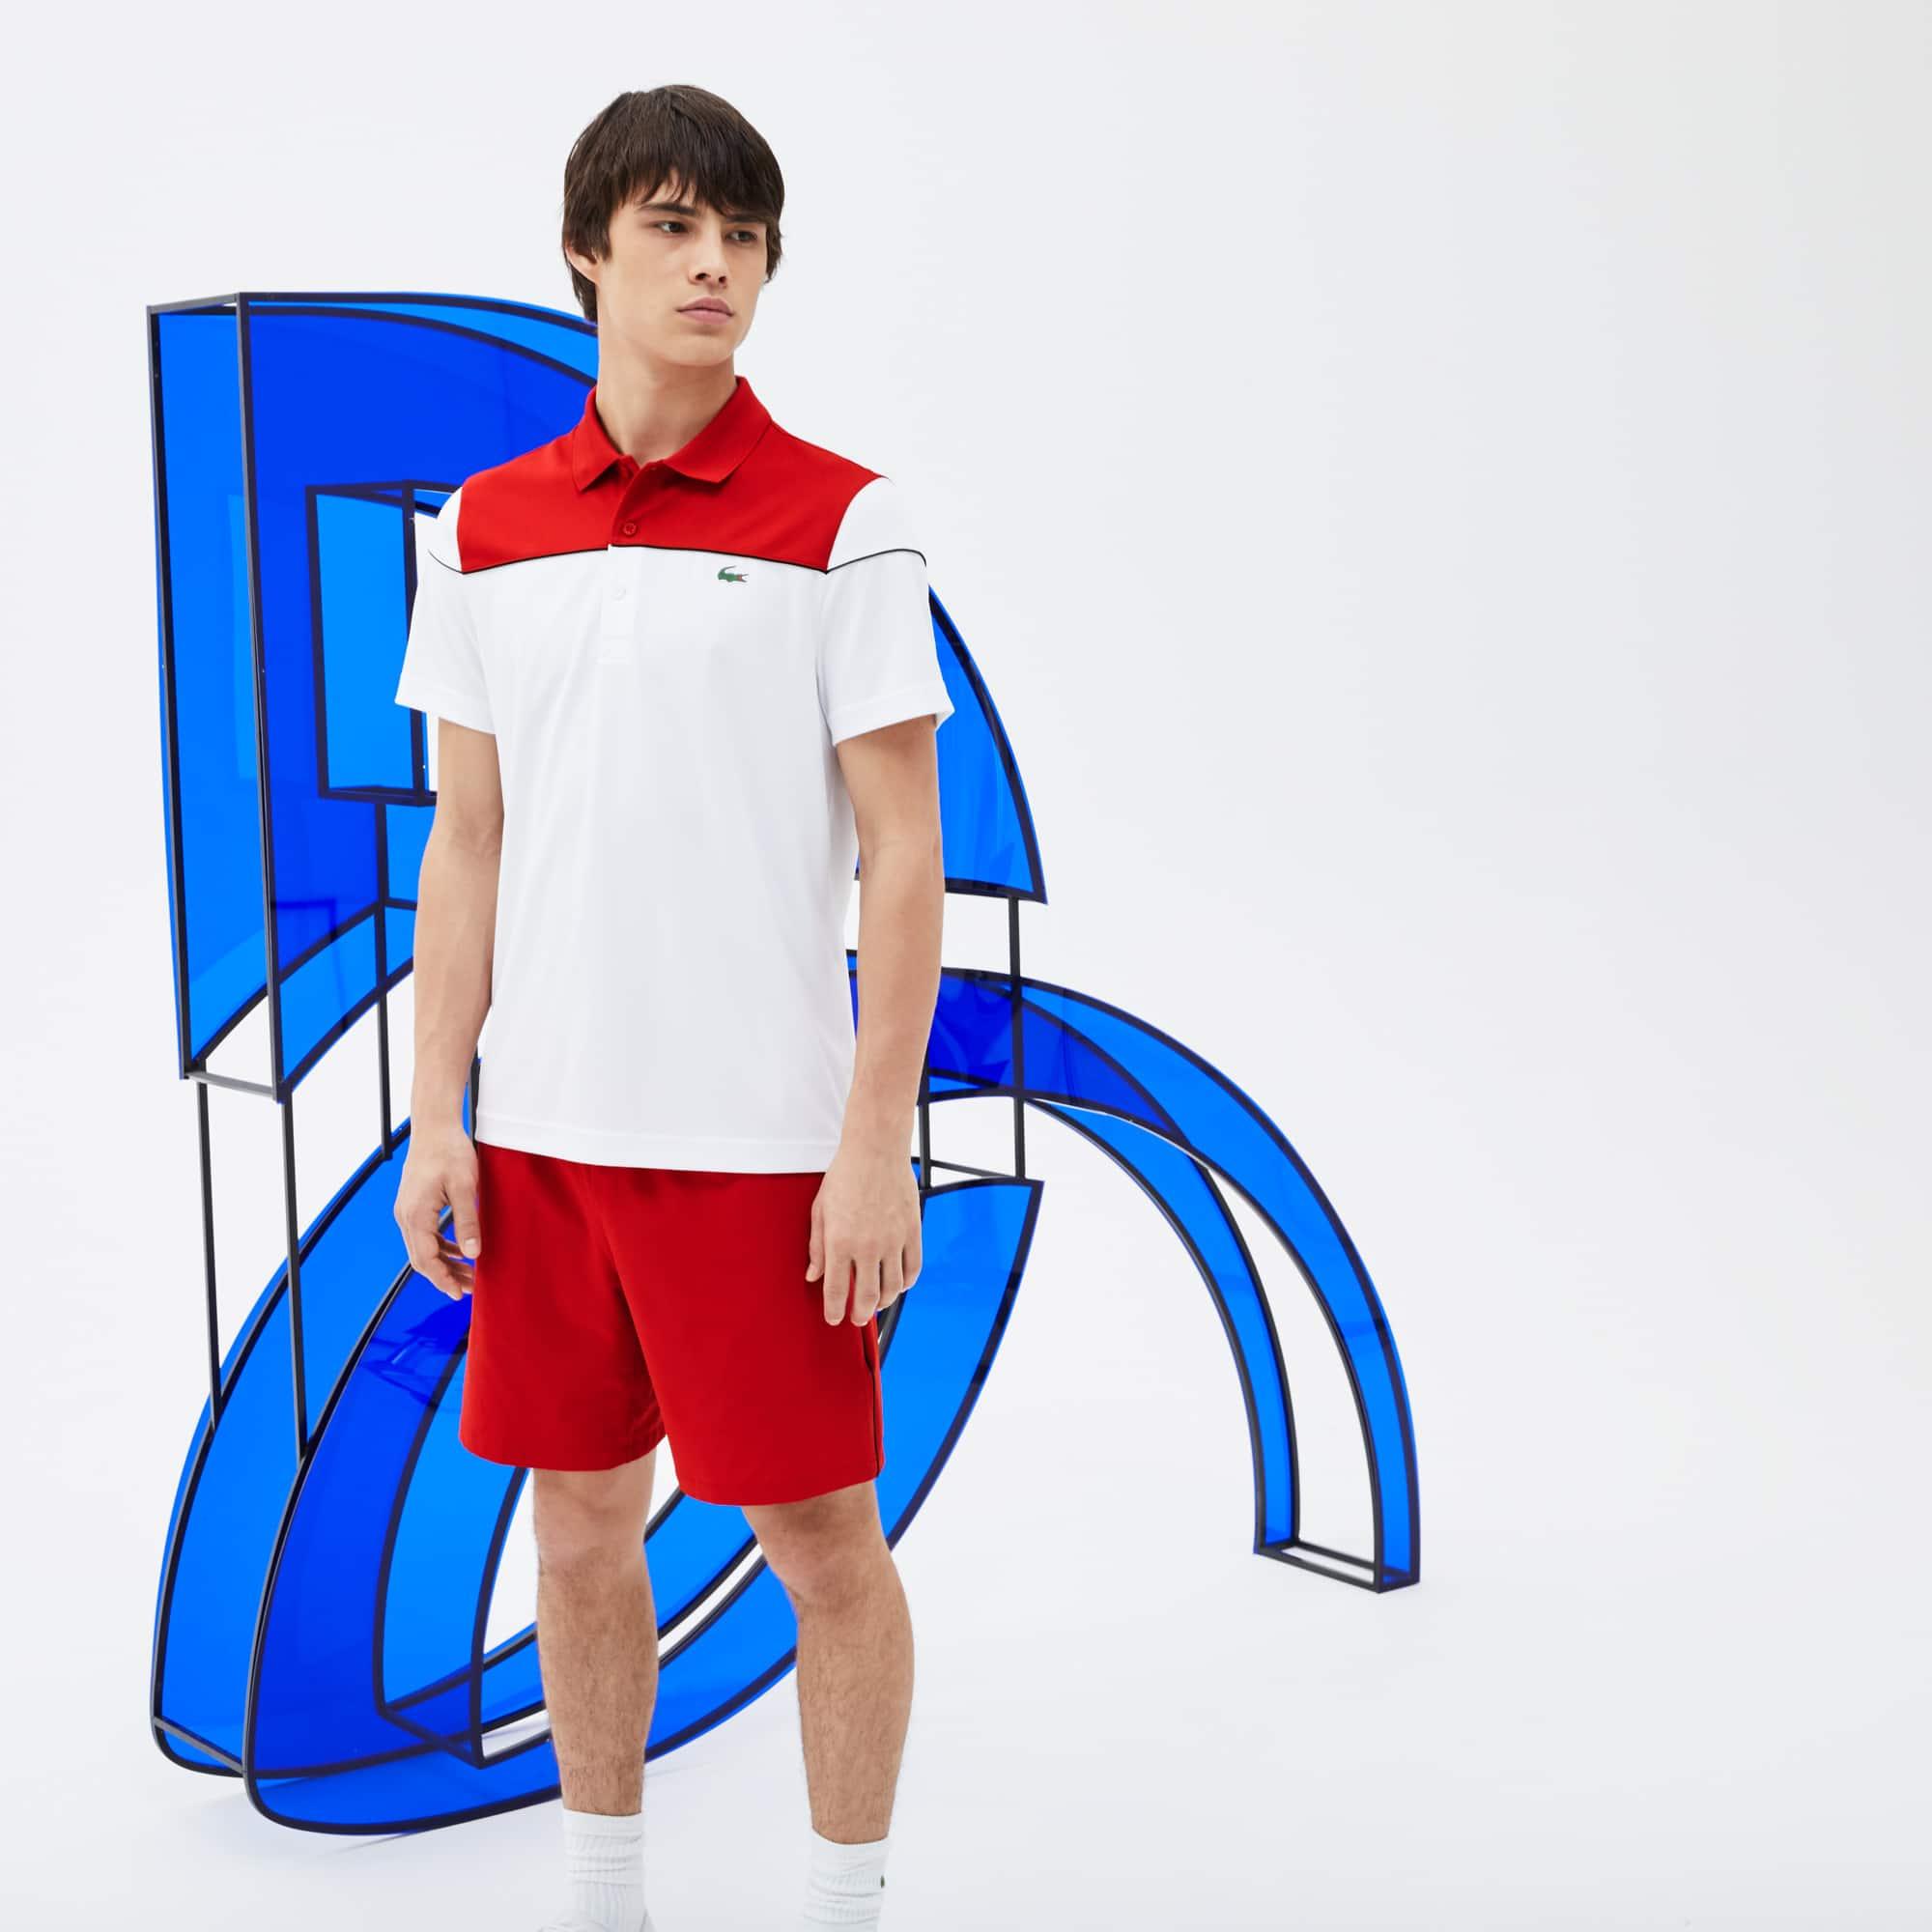 Pantaloncini tecnici Lacoste SPORT COLLEZIONE NOVAK DJOKOVIC SUPPORT WITH STYLE in stretch con bordino